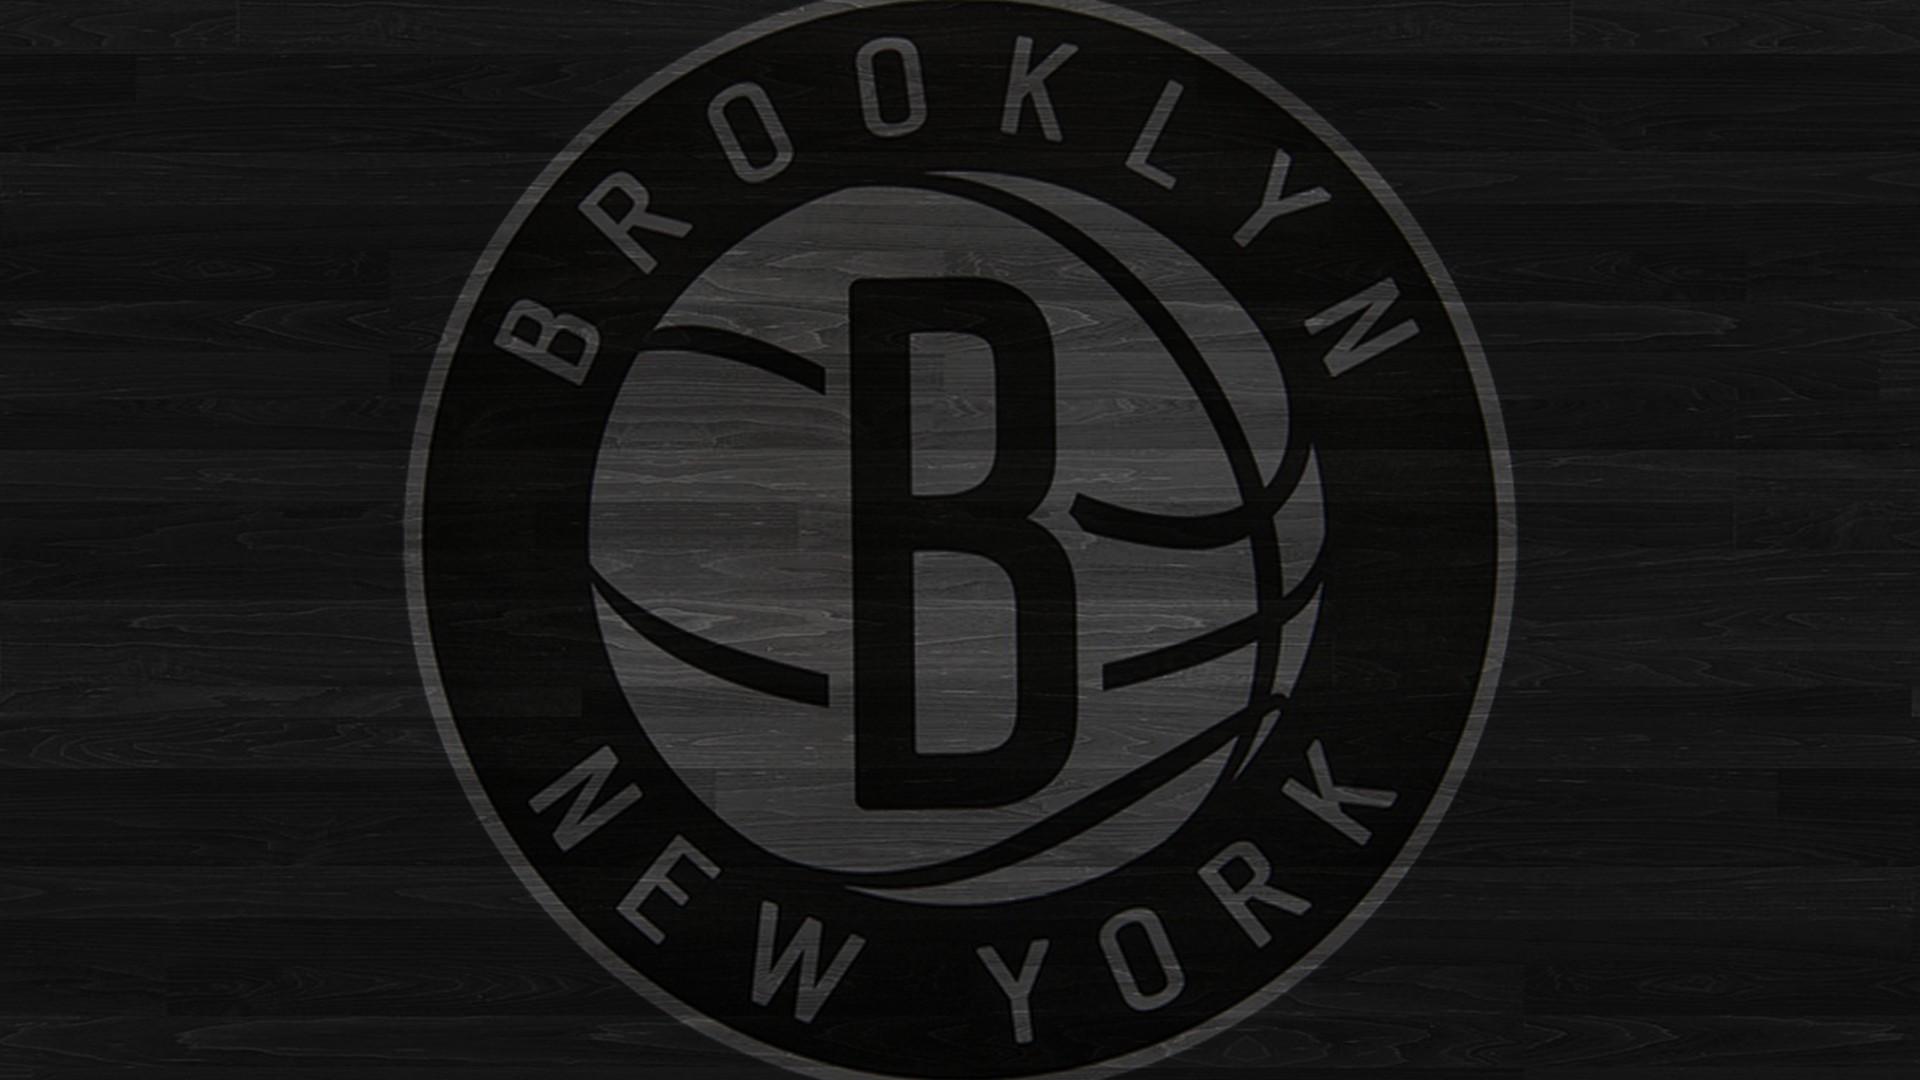 Brooklyn Nets Desktop Wallpapers 2019 Basketball Wallpaper 1920x1080